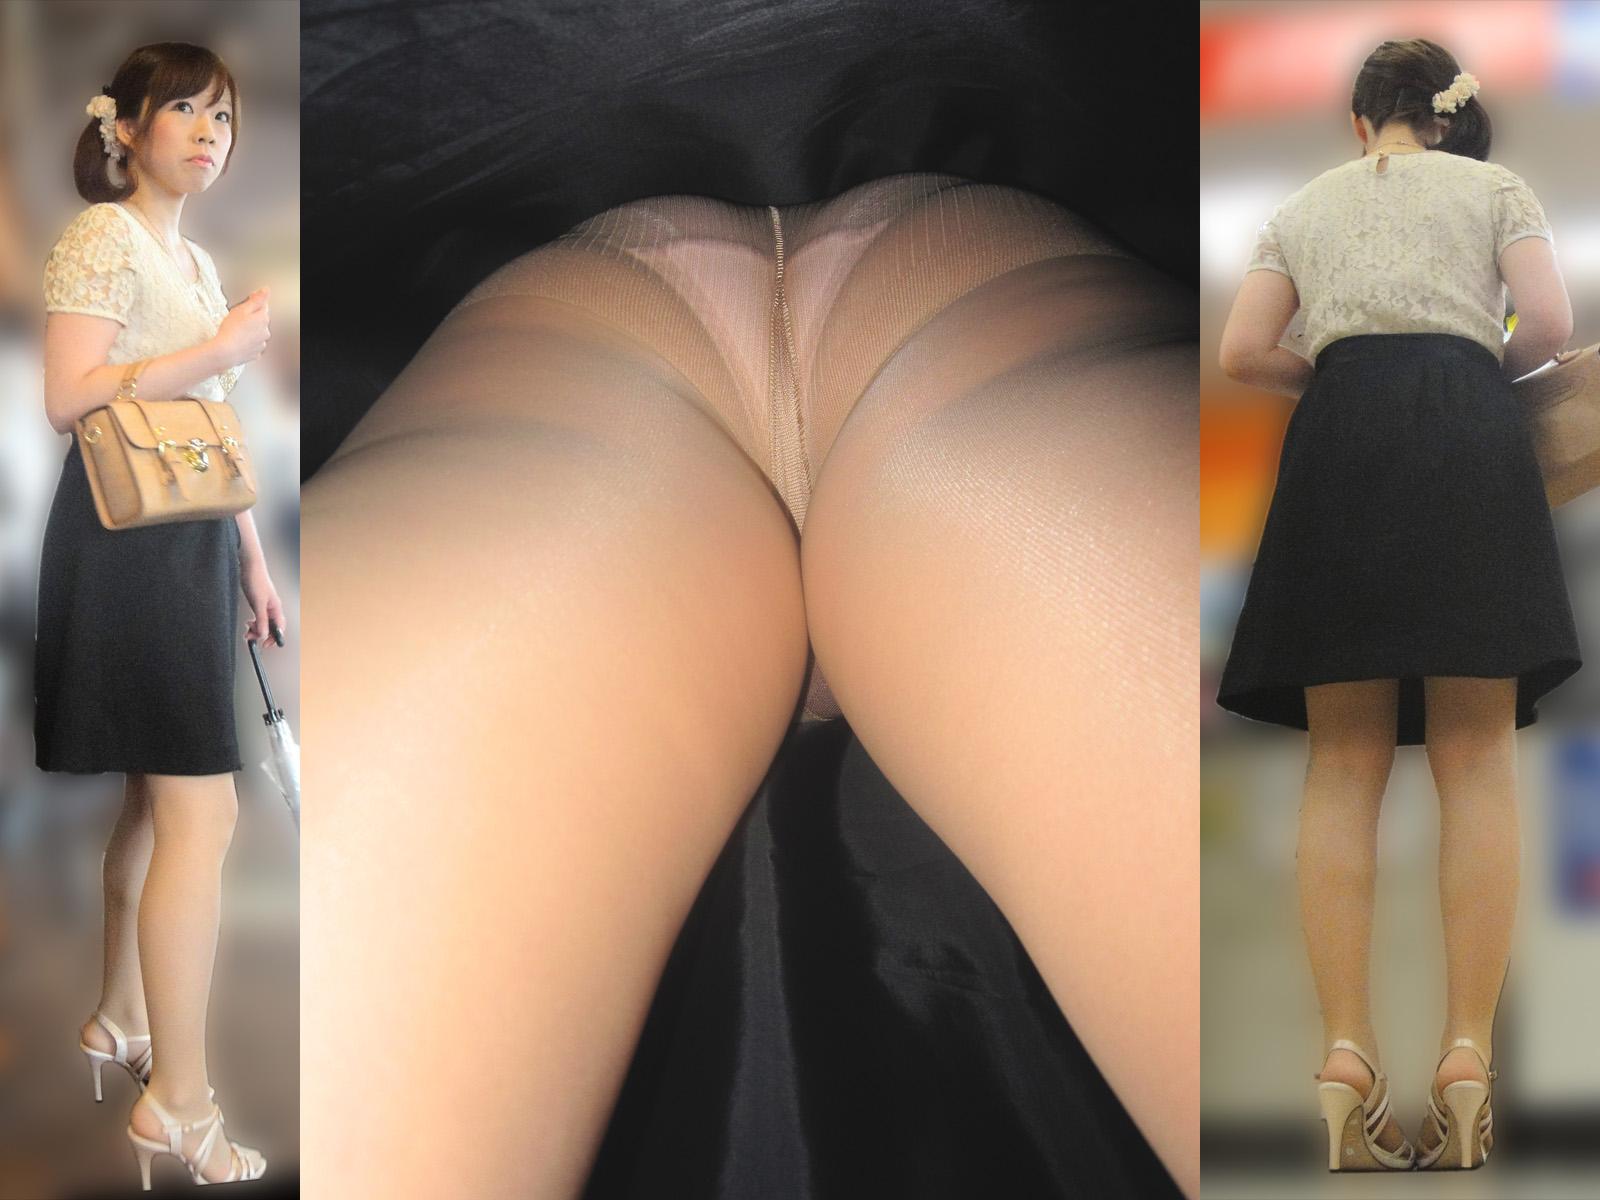 美脚女性を逆さ撮りしてパンスト越しの下着を覗く!